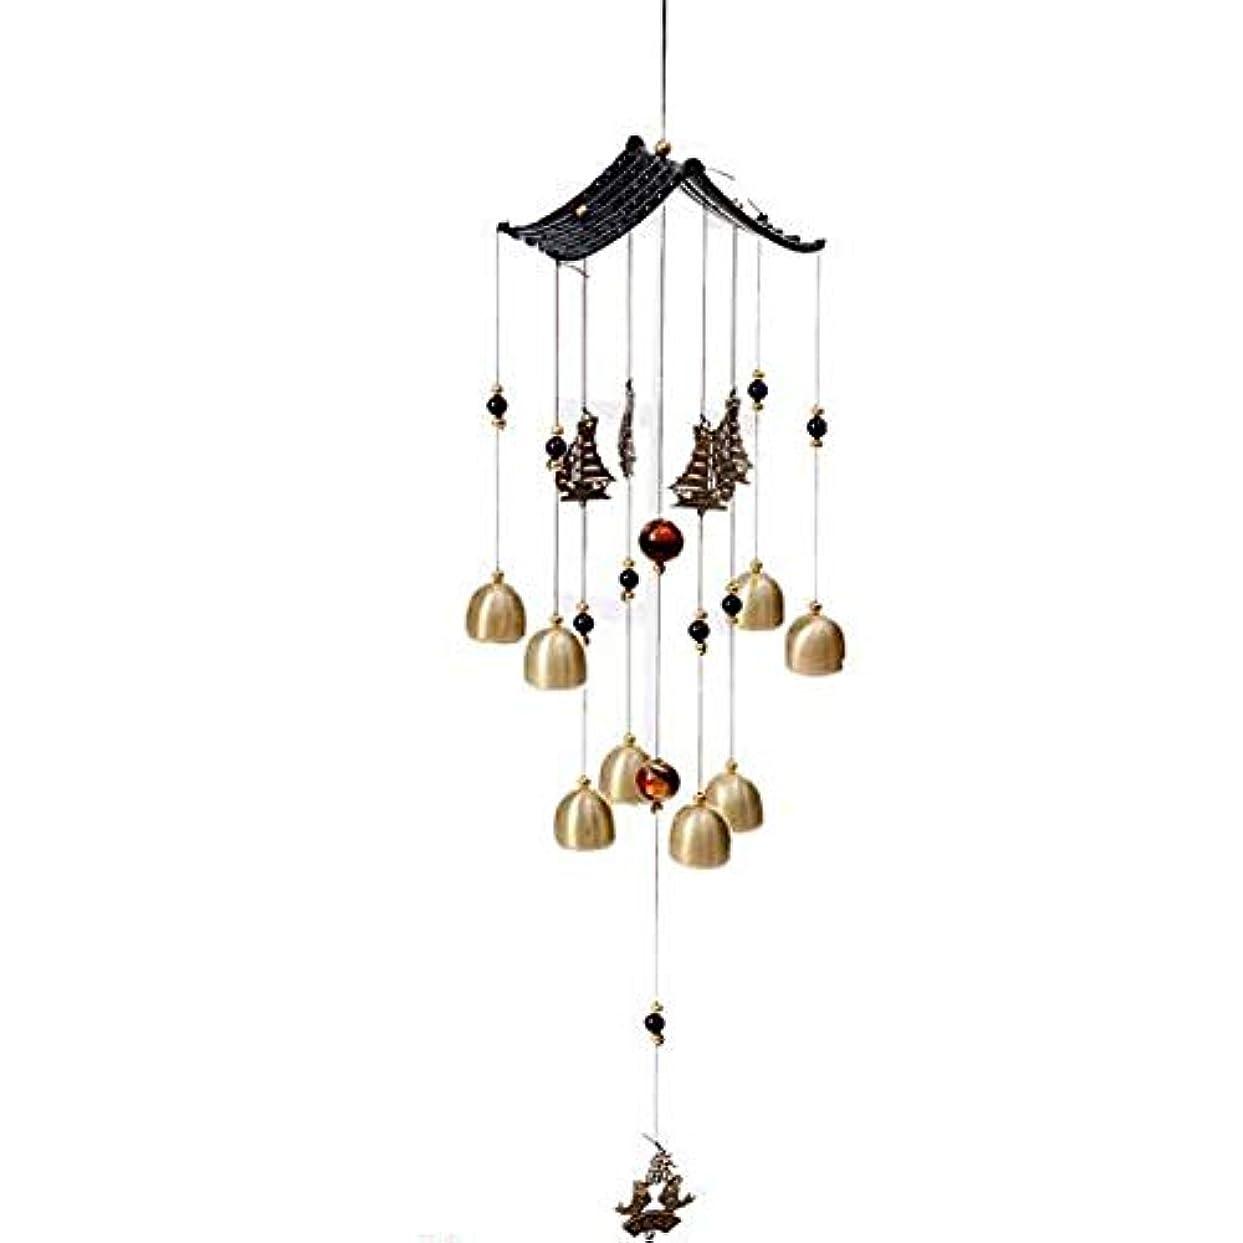 堂々たる論争的スタッフHongyushanghang 風チャイム、金属銅鐘ホームデコレーション、ブラック、サイズ62 * 13CM,、ジュエリークリエイティブホリデーギフトを掛ける (Color : Black-A)